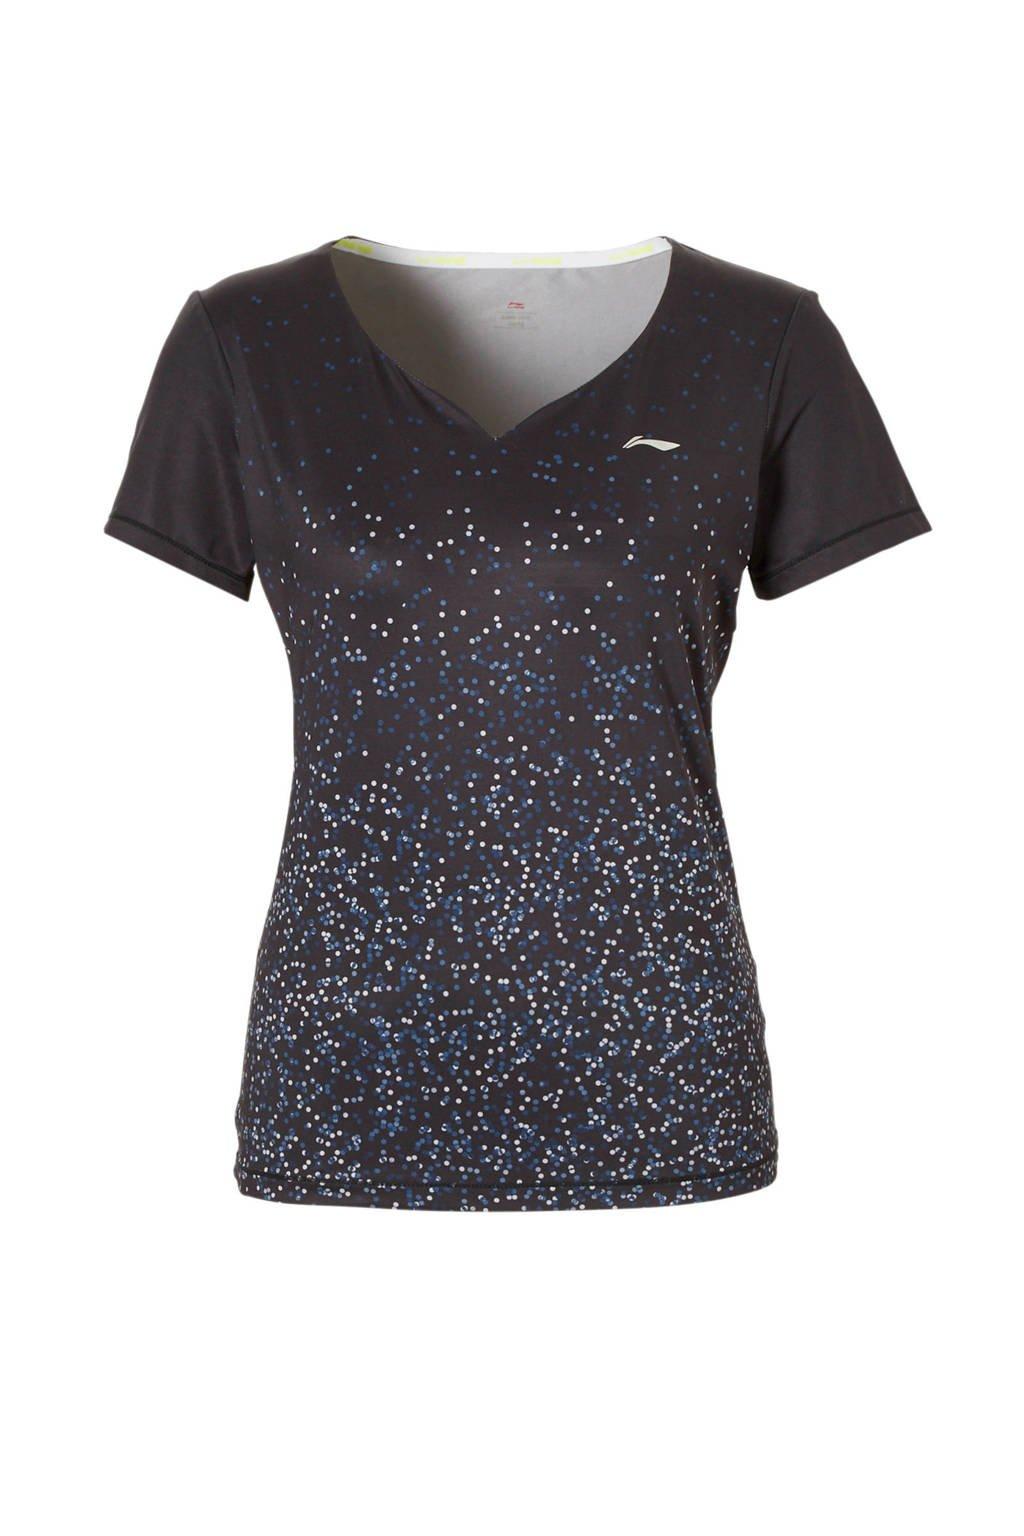 Li-Ning sport T-shirt, Zwart/grijs/wit